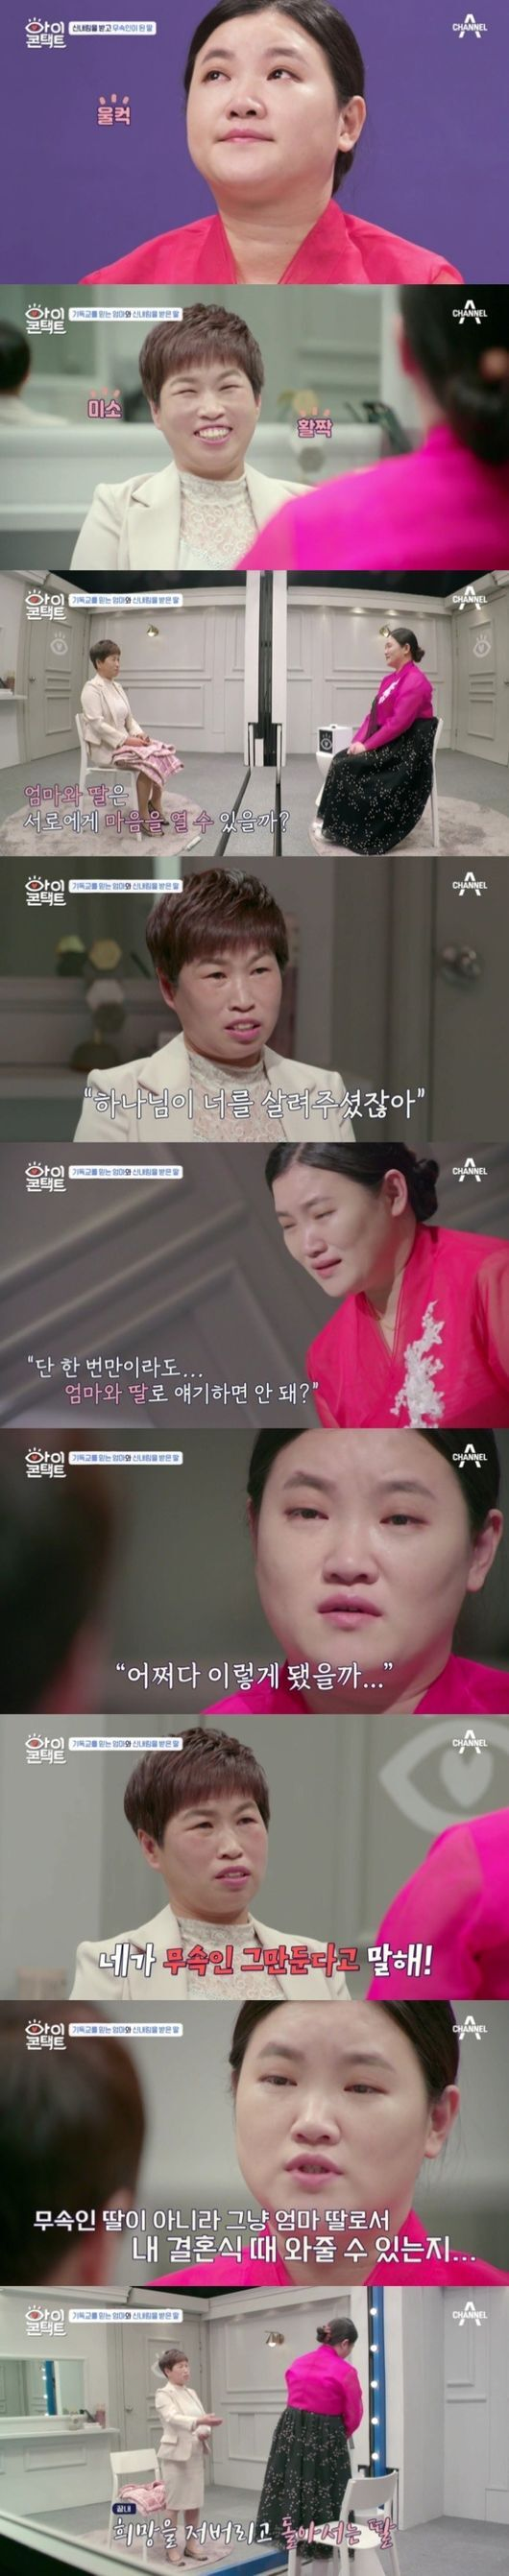 '아이콘택트' 제공